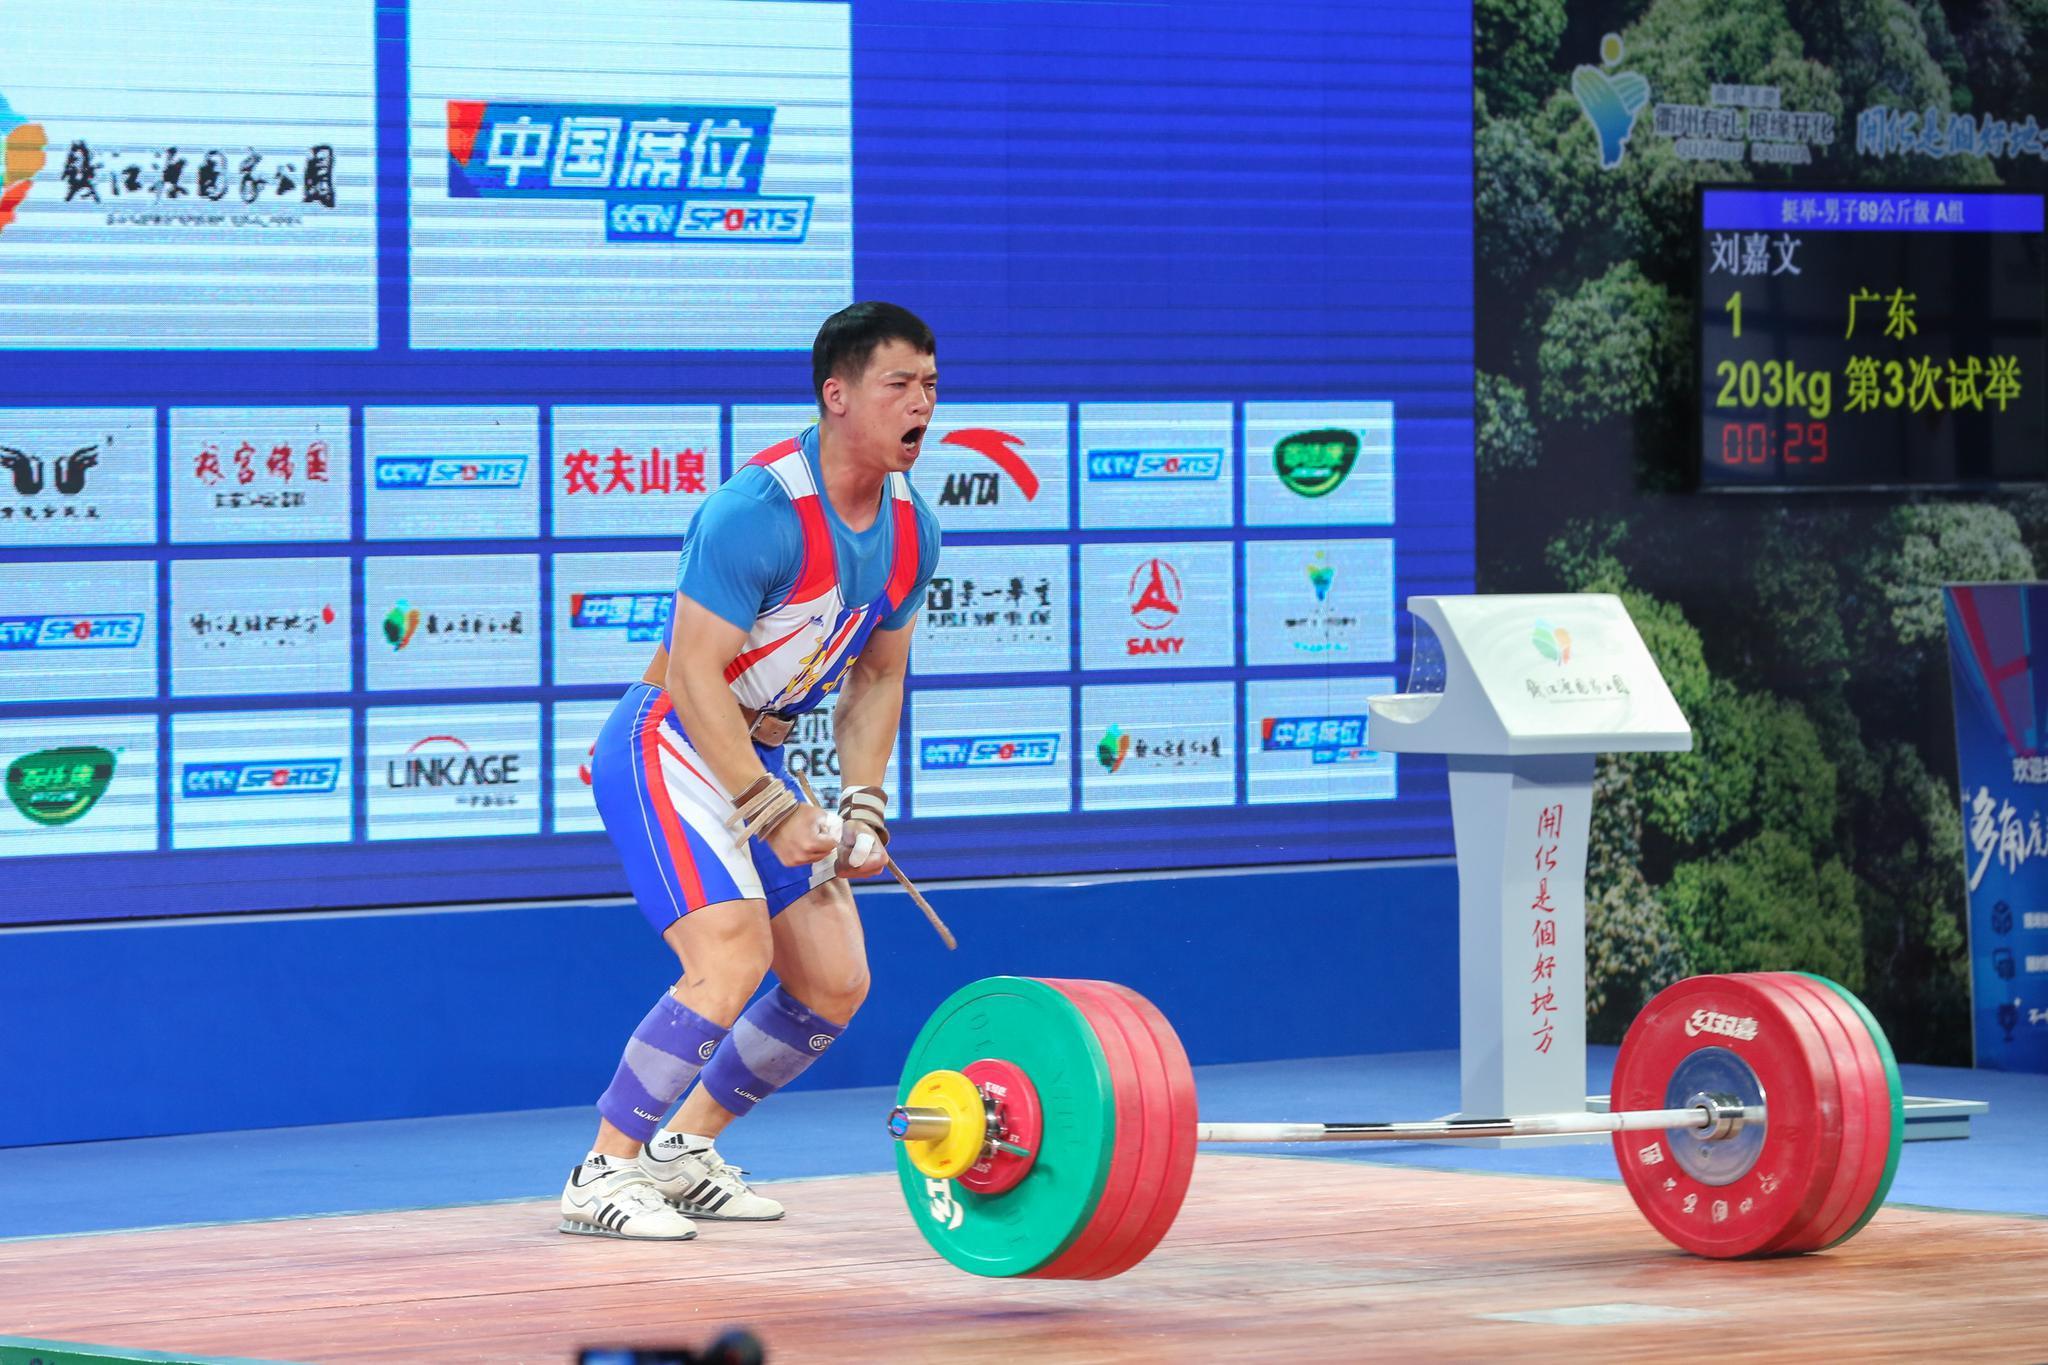 全国男子举重锦标赛:广东包揽89公斤级总成绩前三